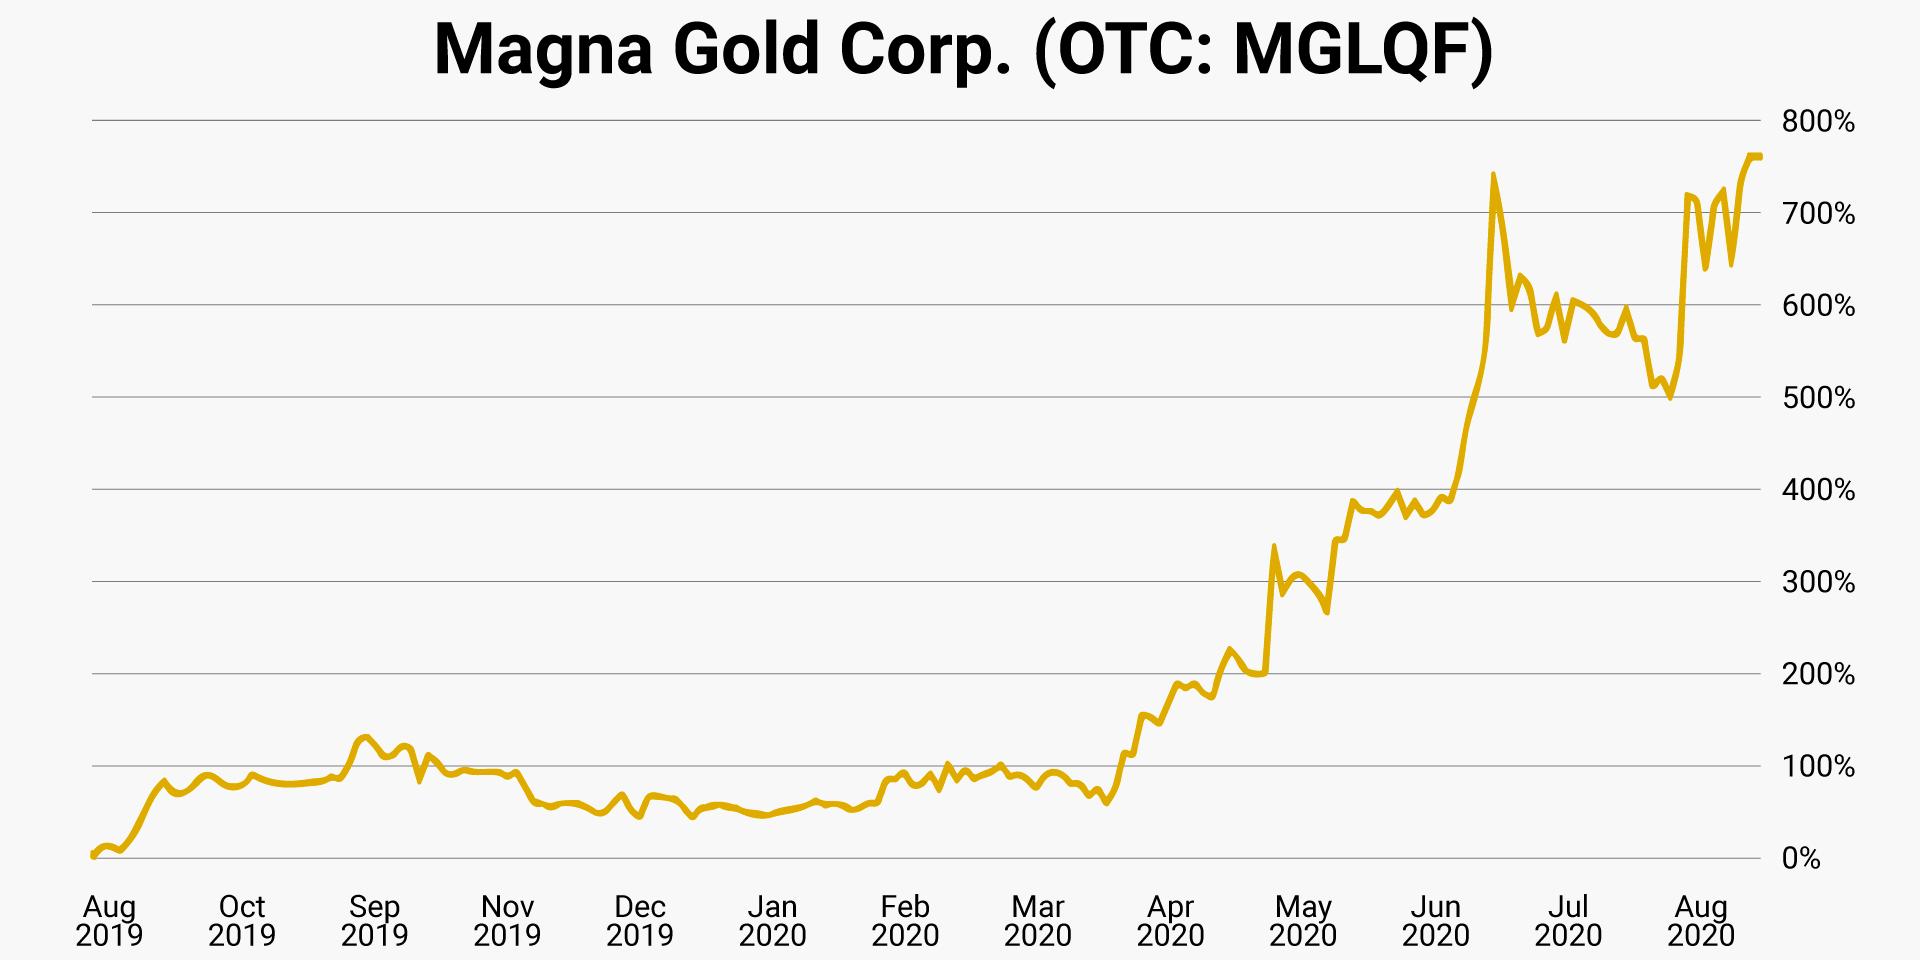 07-magna-gold-otc-mglqf